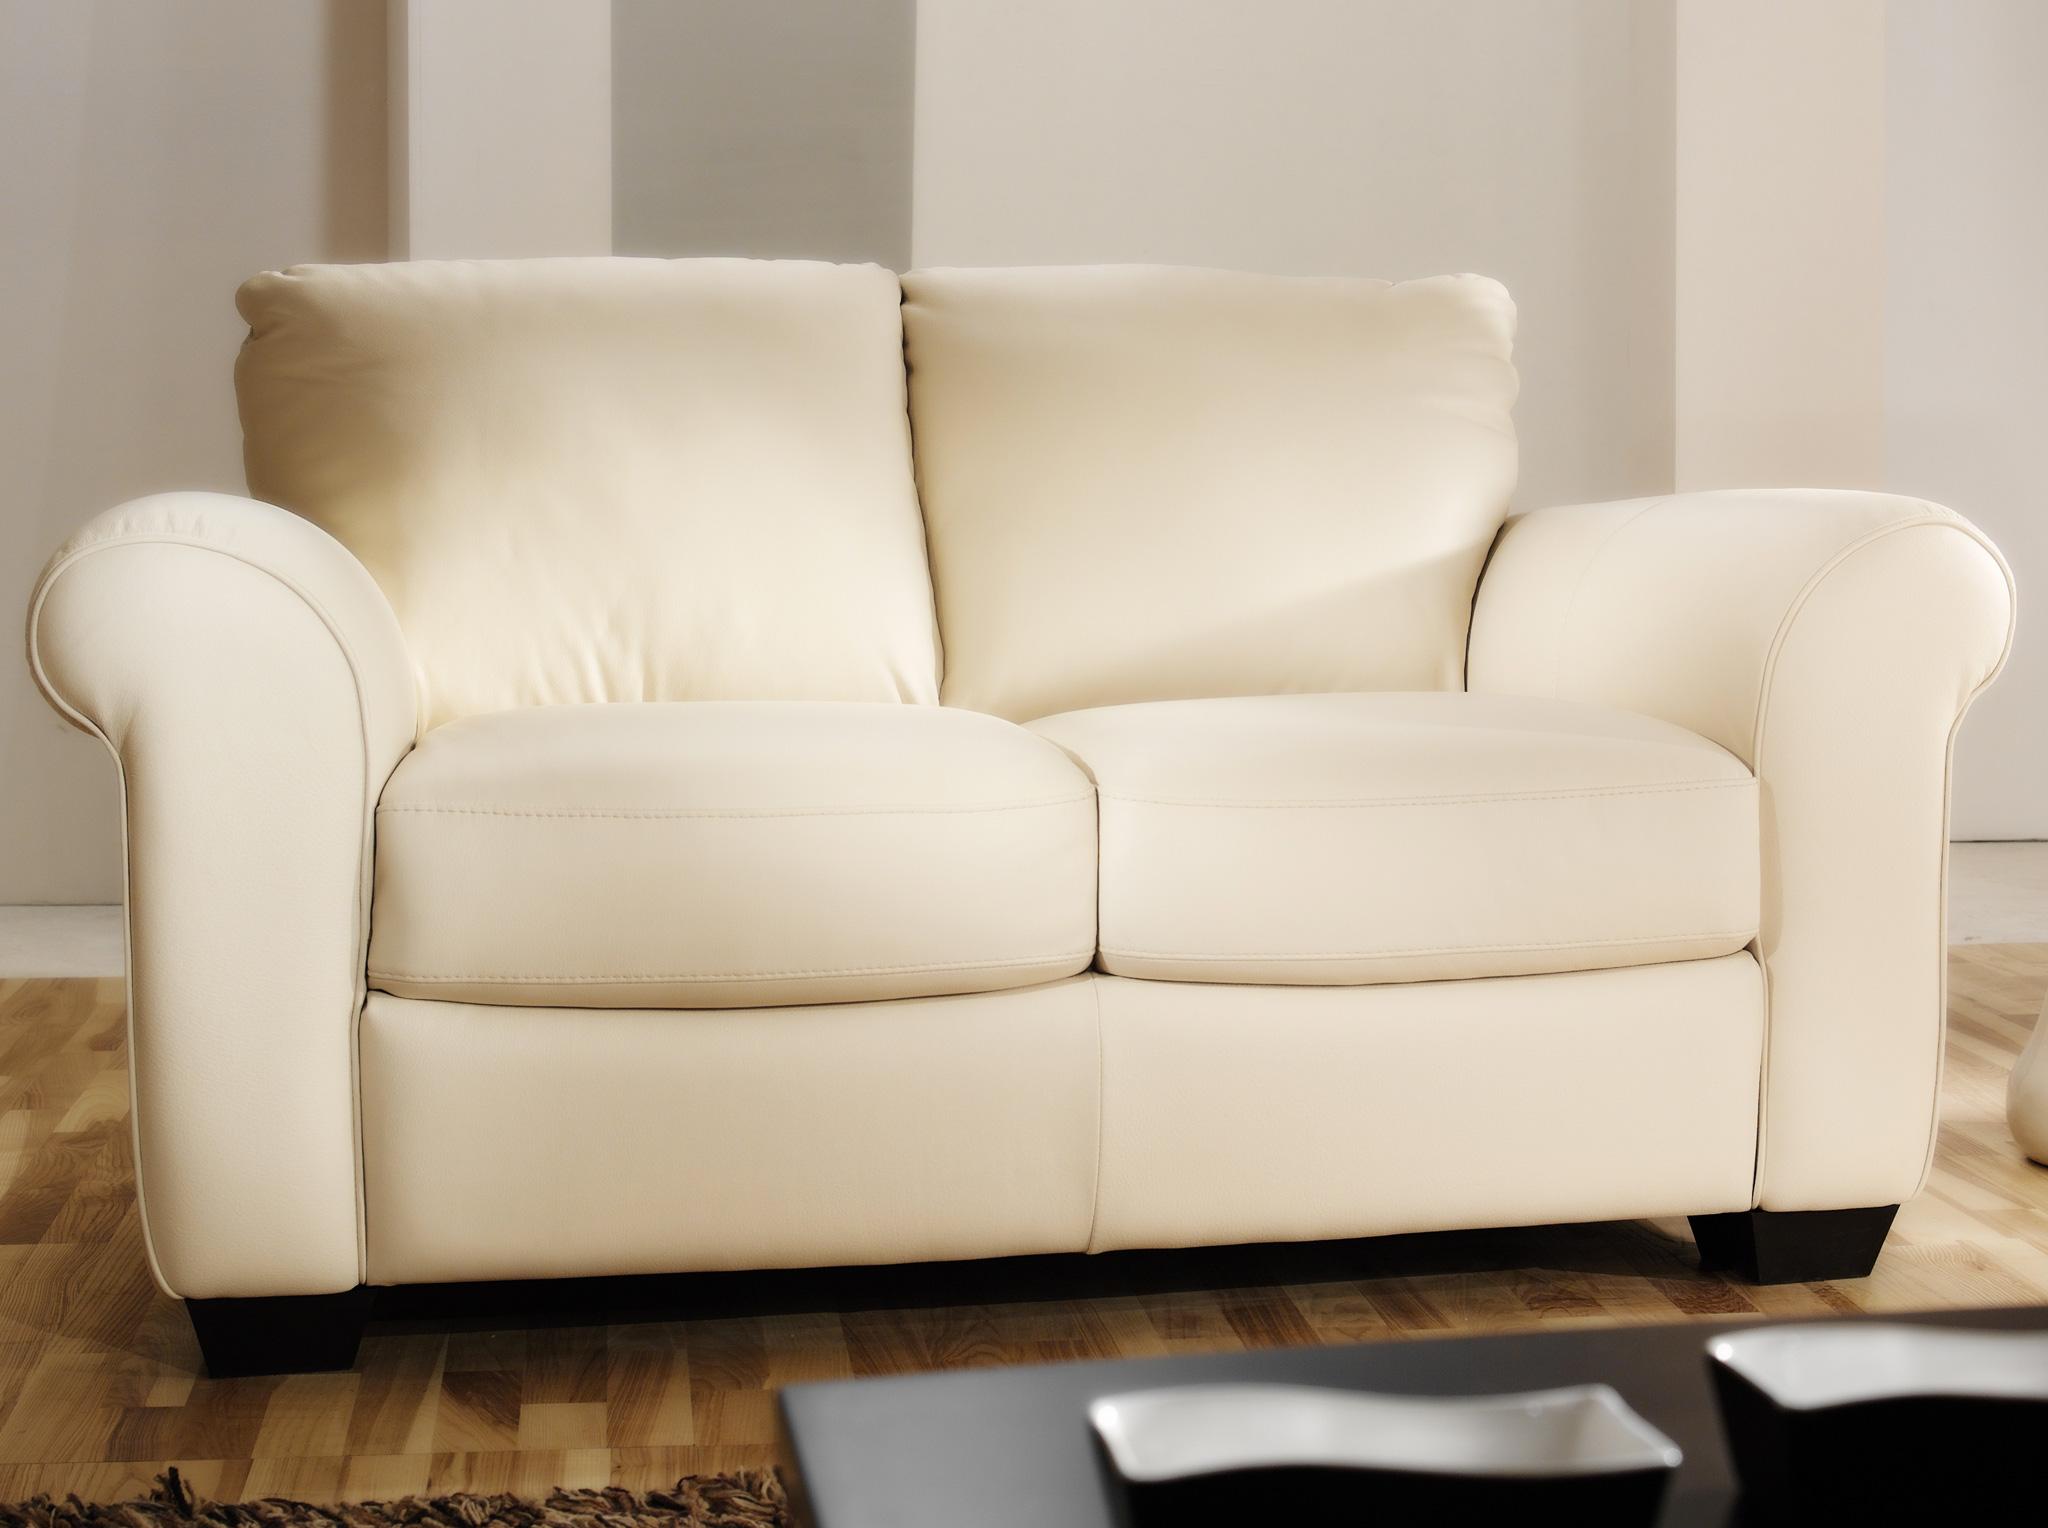 Changer La Couleur D Un Canapé En Cuir fauteuils et divans usés avant l'heure: comment obtenir